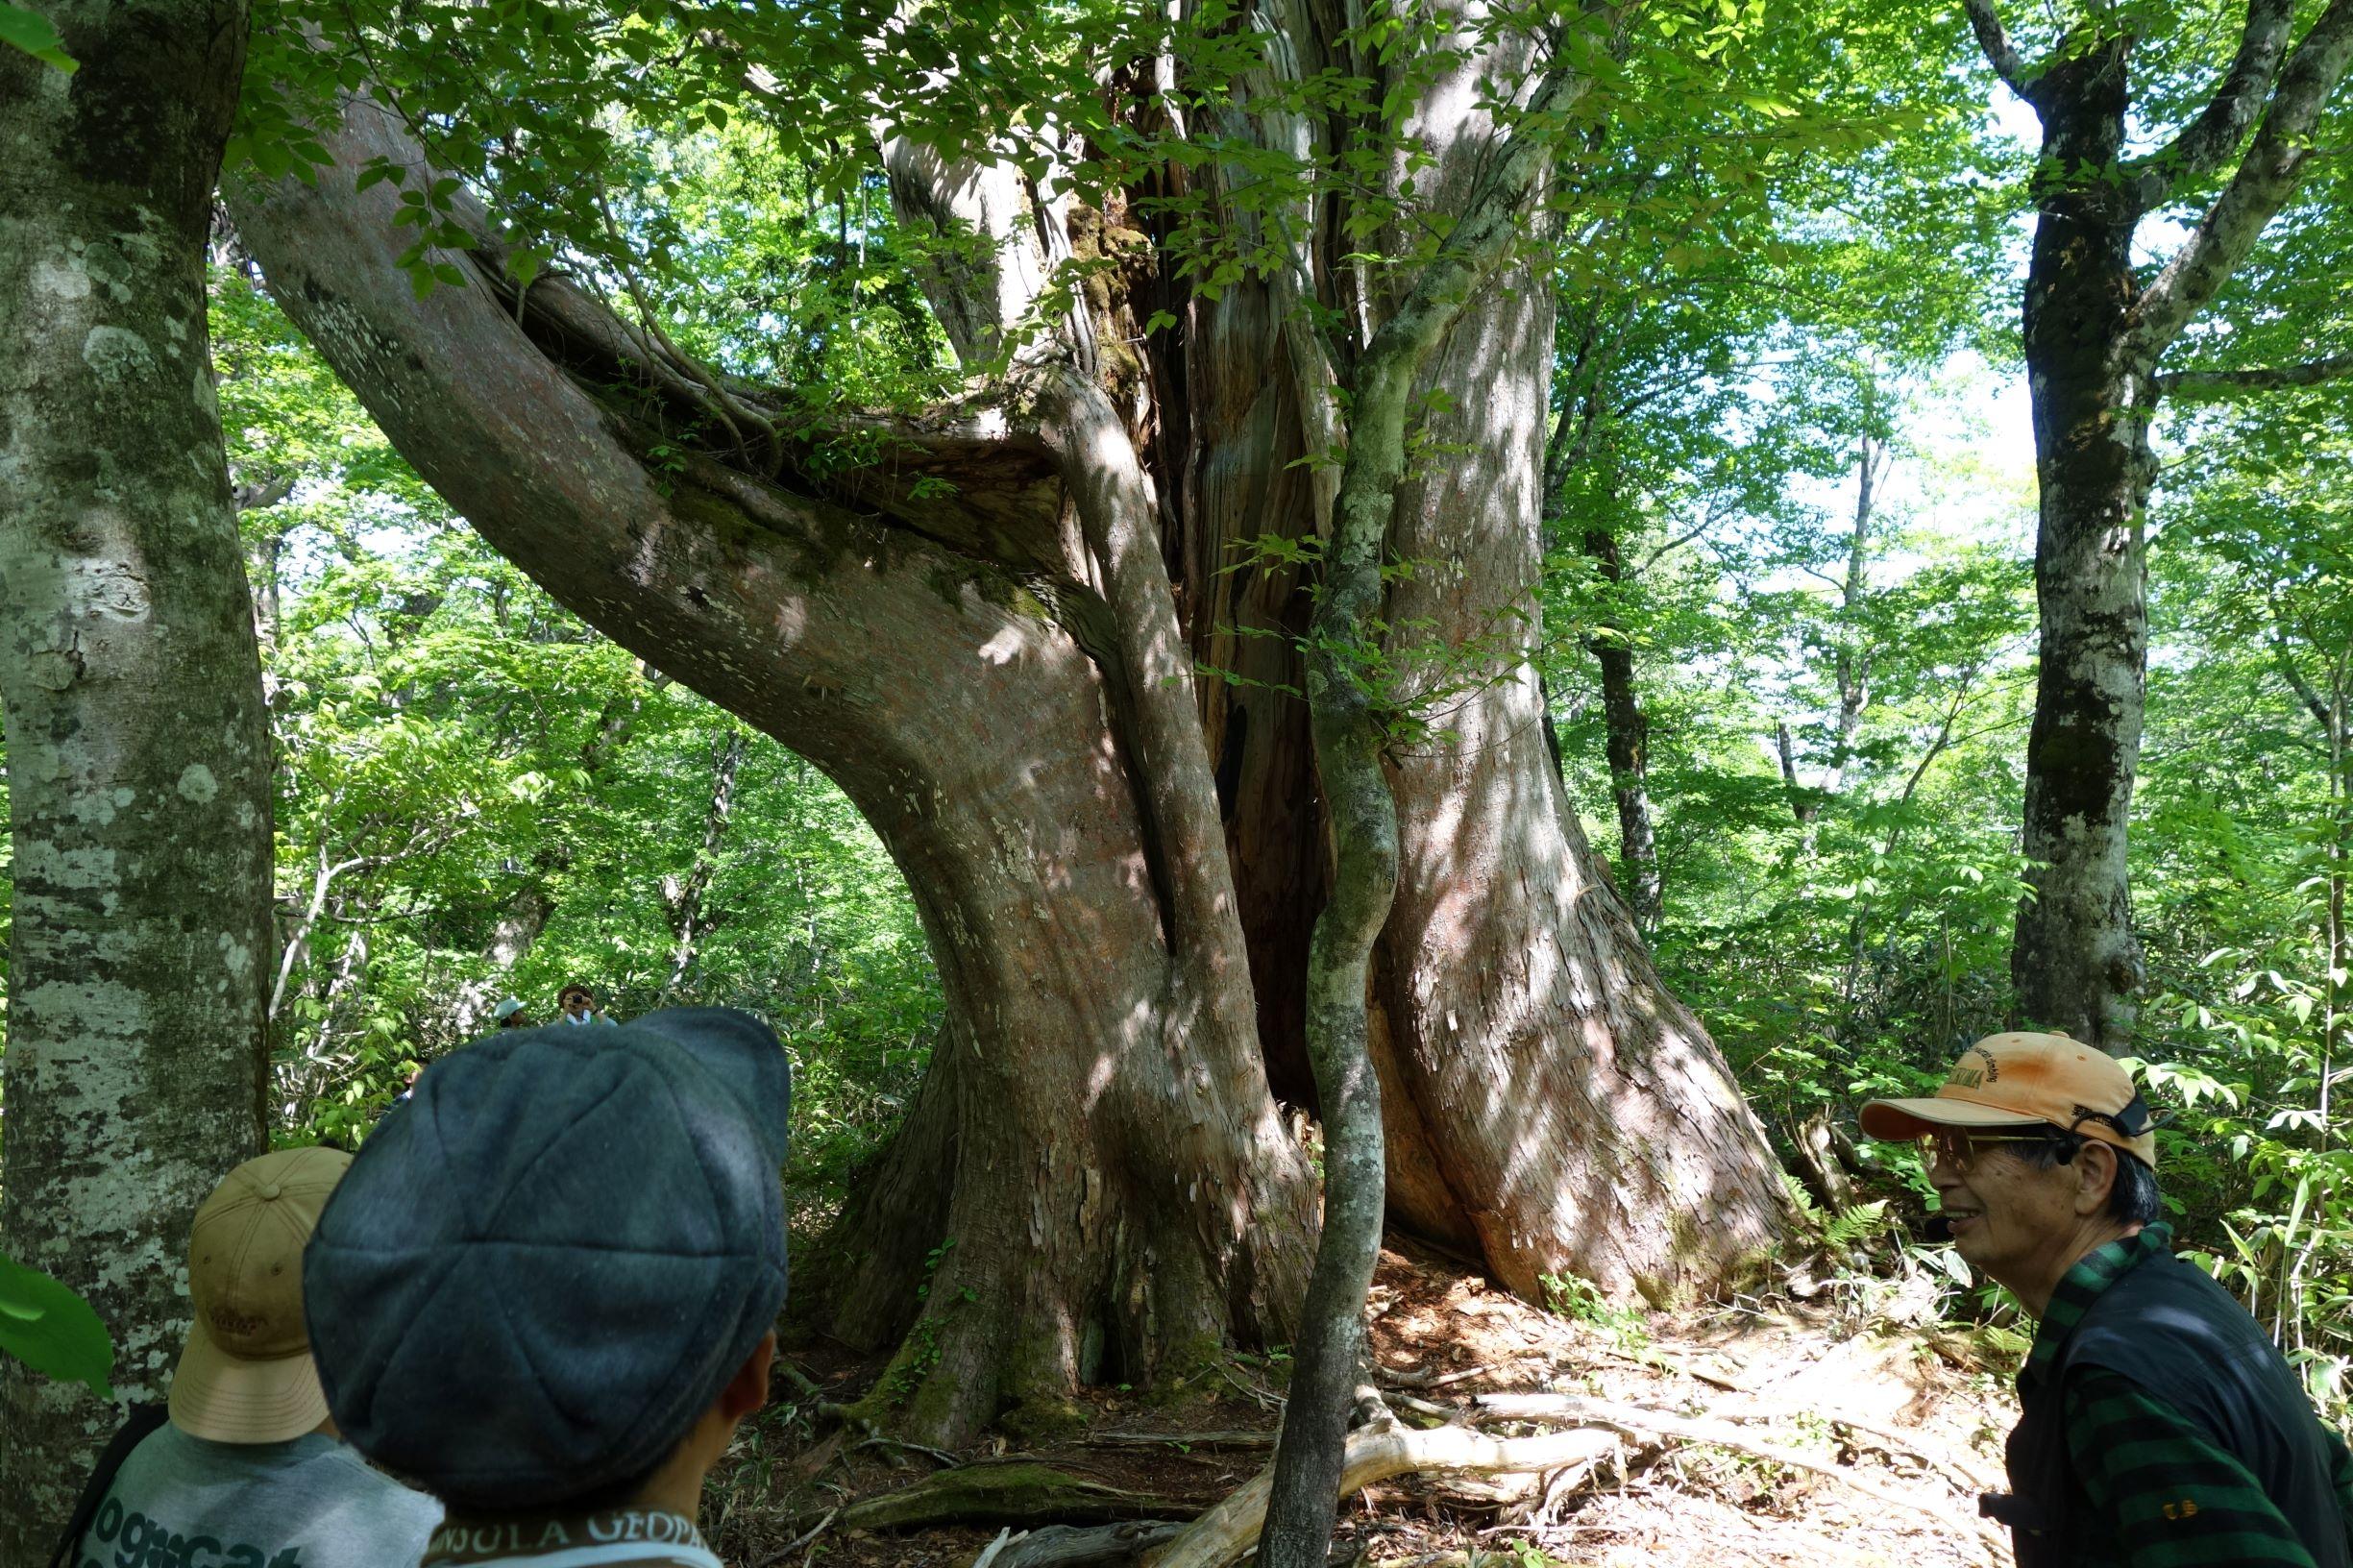 日本一の幹周があるクロベの巨木